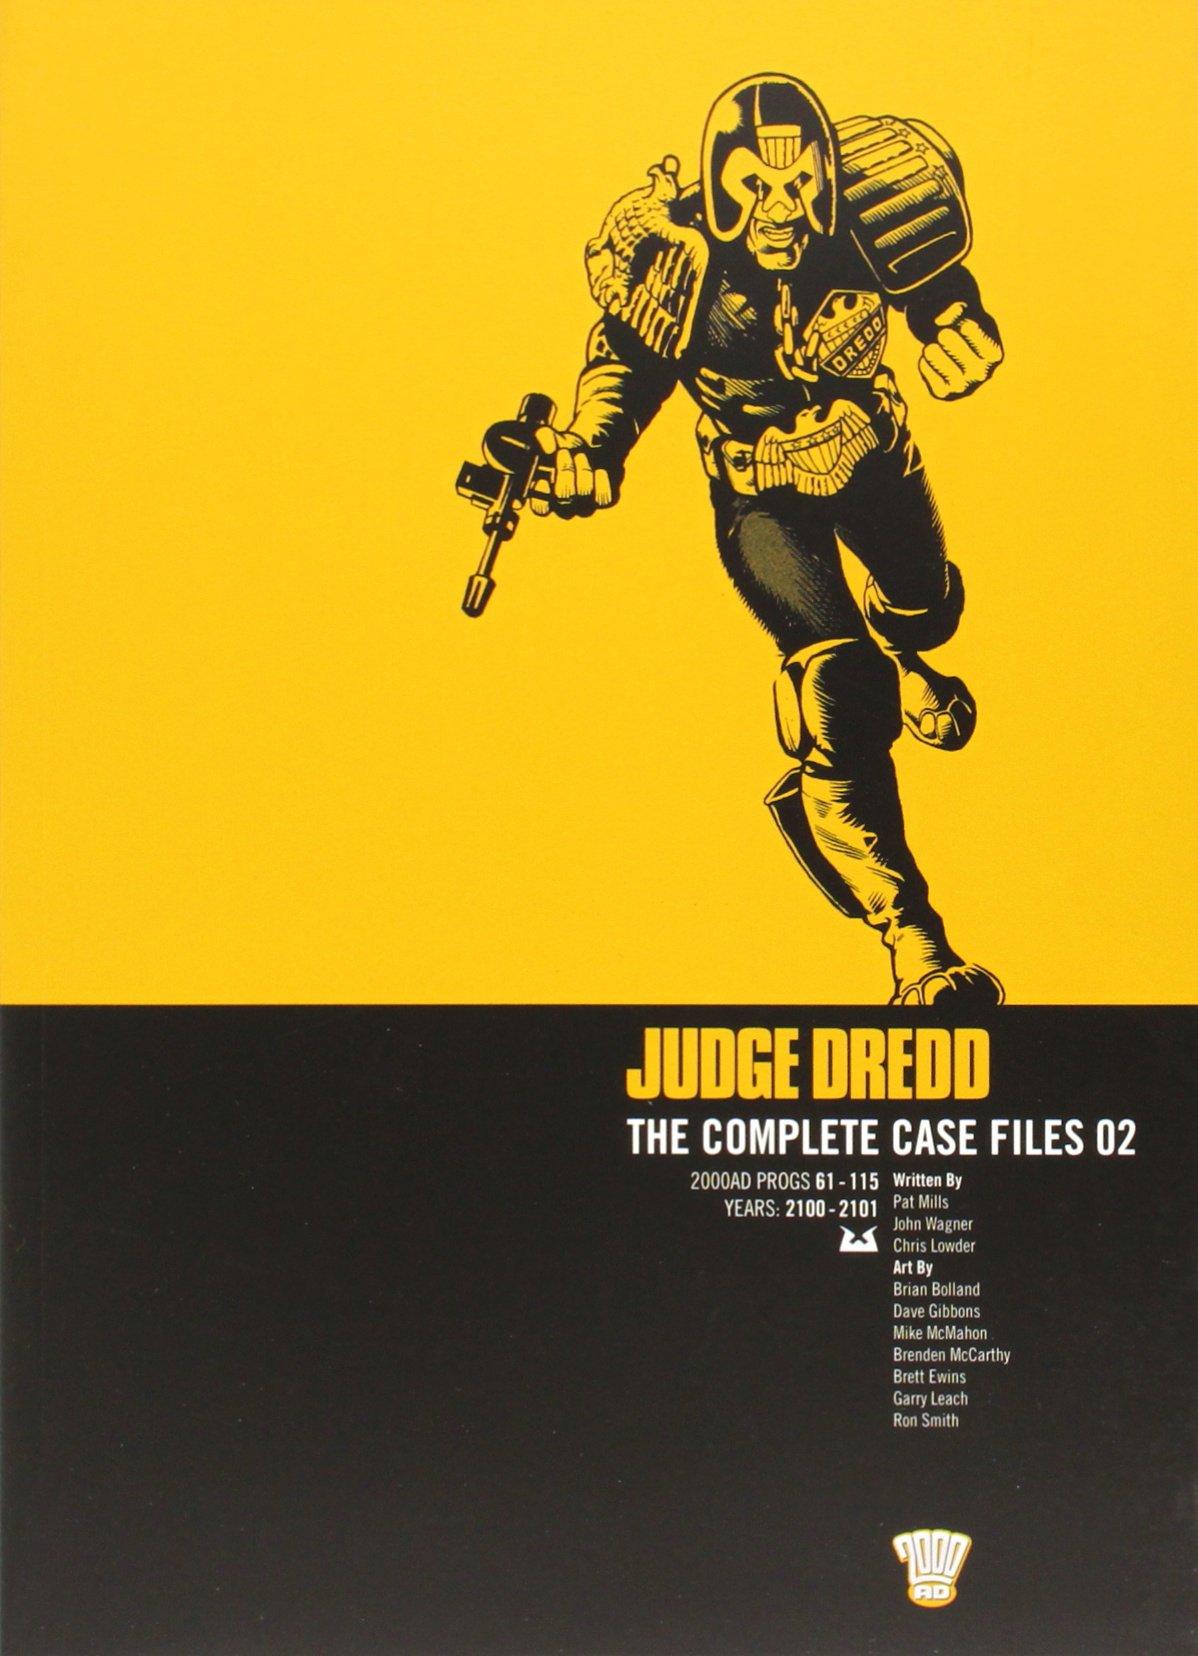 Judge Dredd: The Complete Case Files, Vol. 2- 2000 AD Progs 61-115 pdf